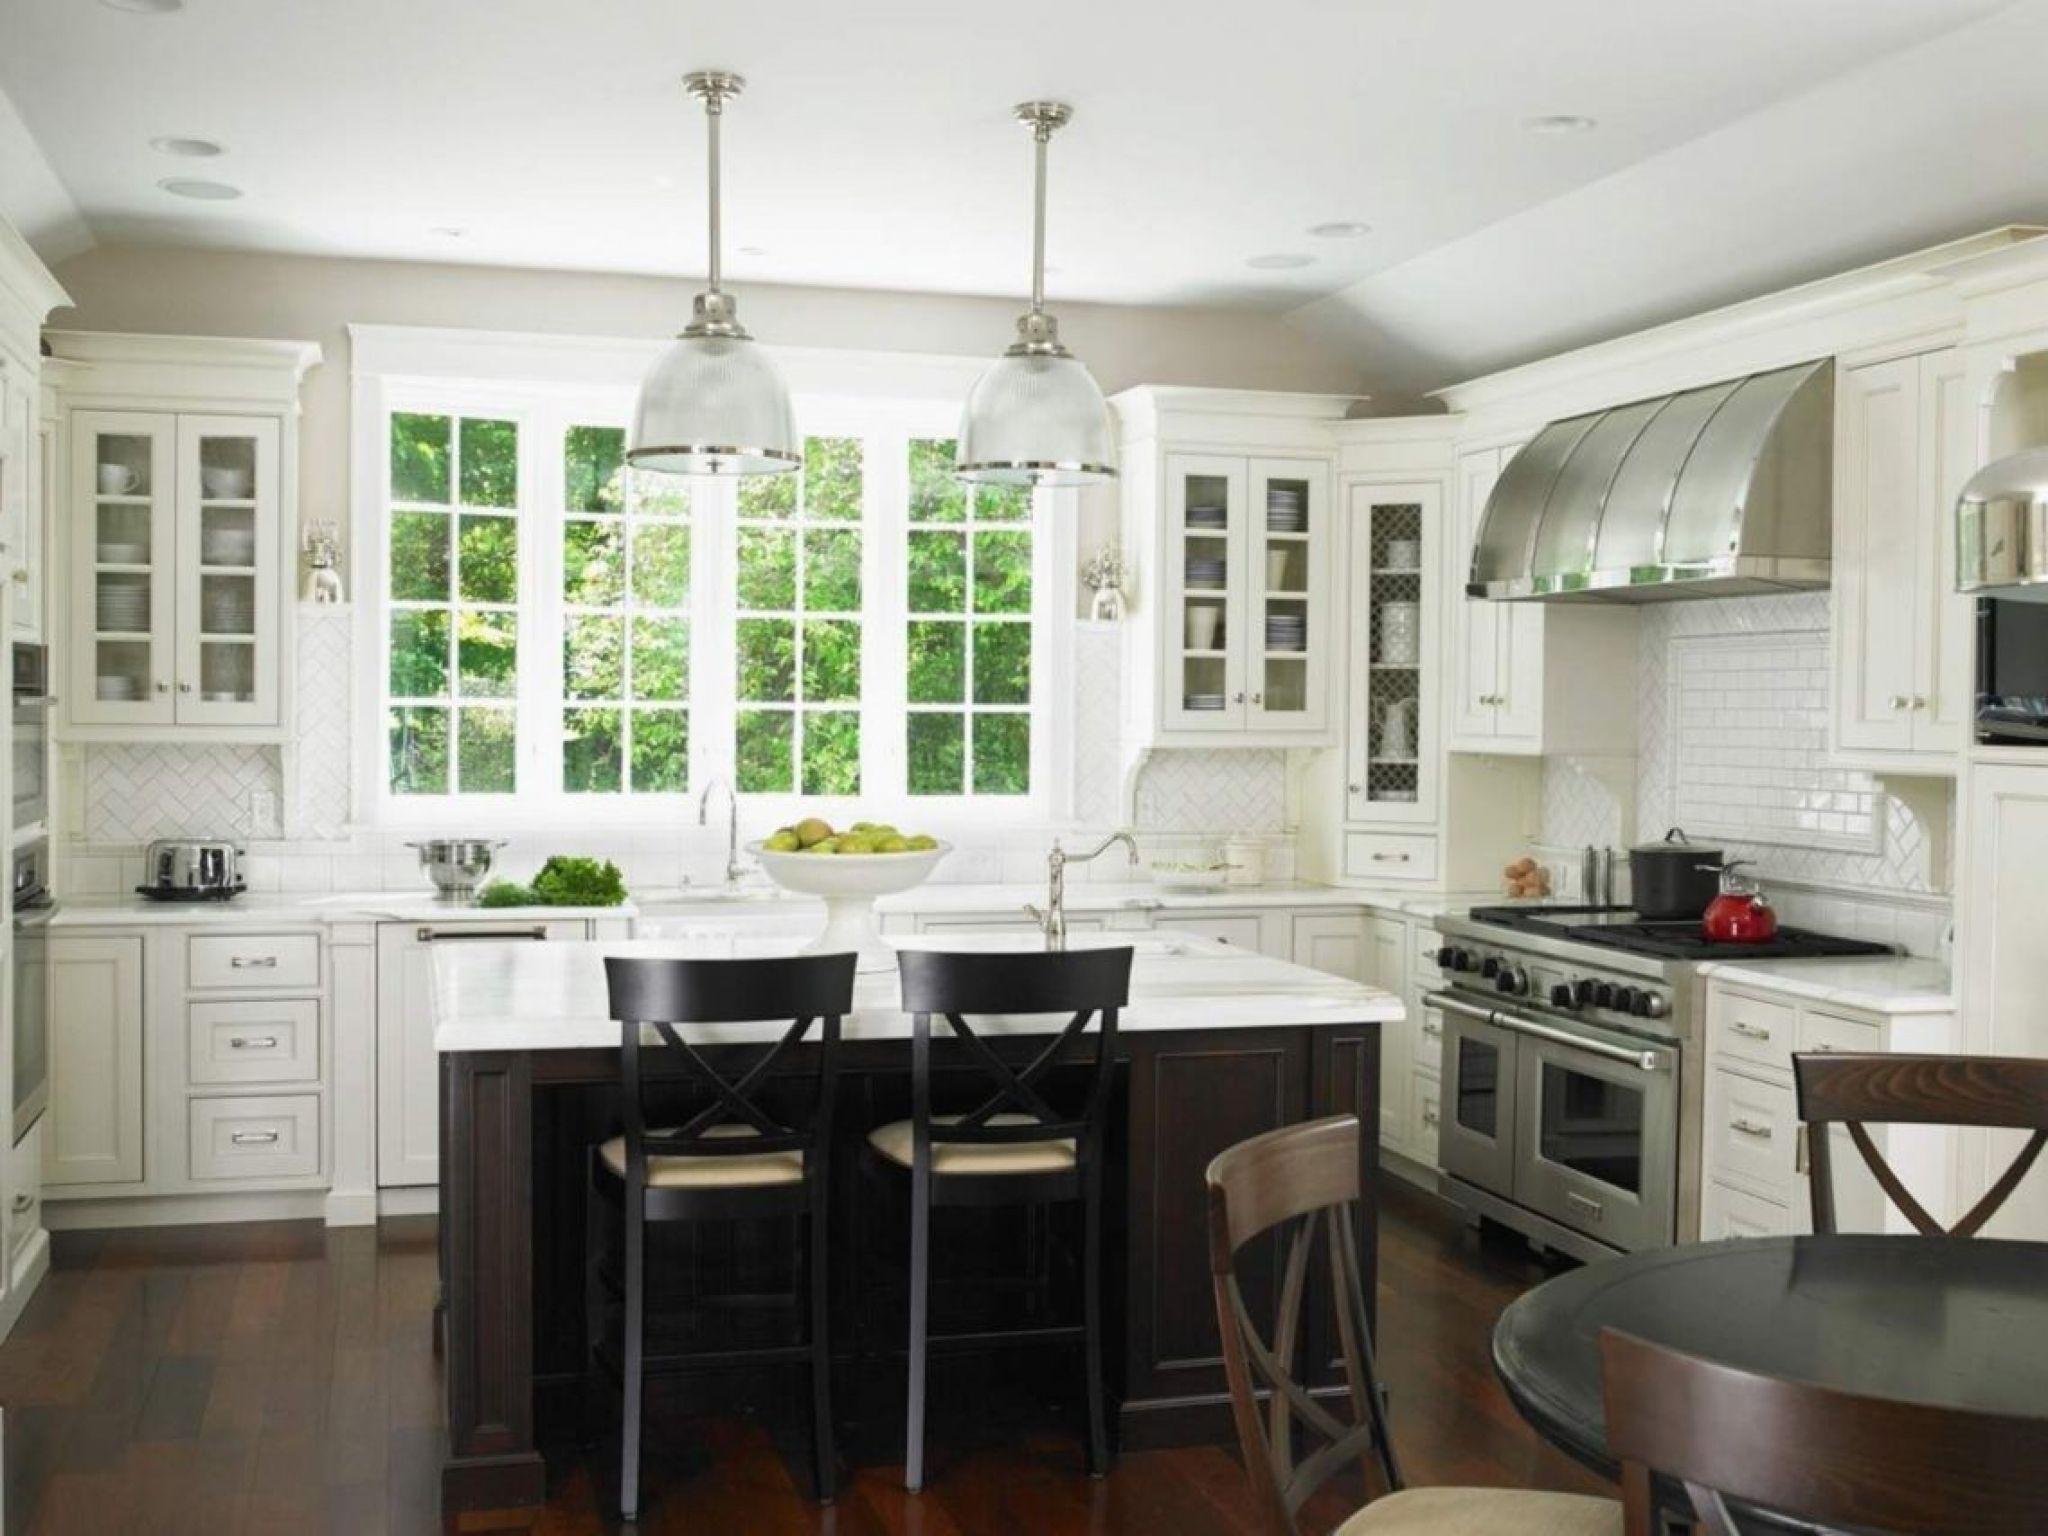 White Glass Kitchen Cabinets  Backsplash For Kitchen Ideas Check